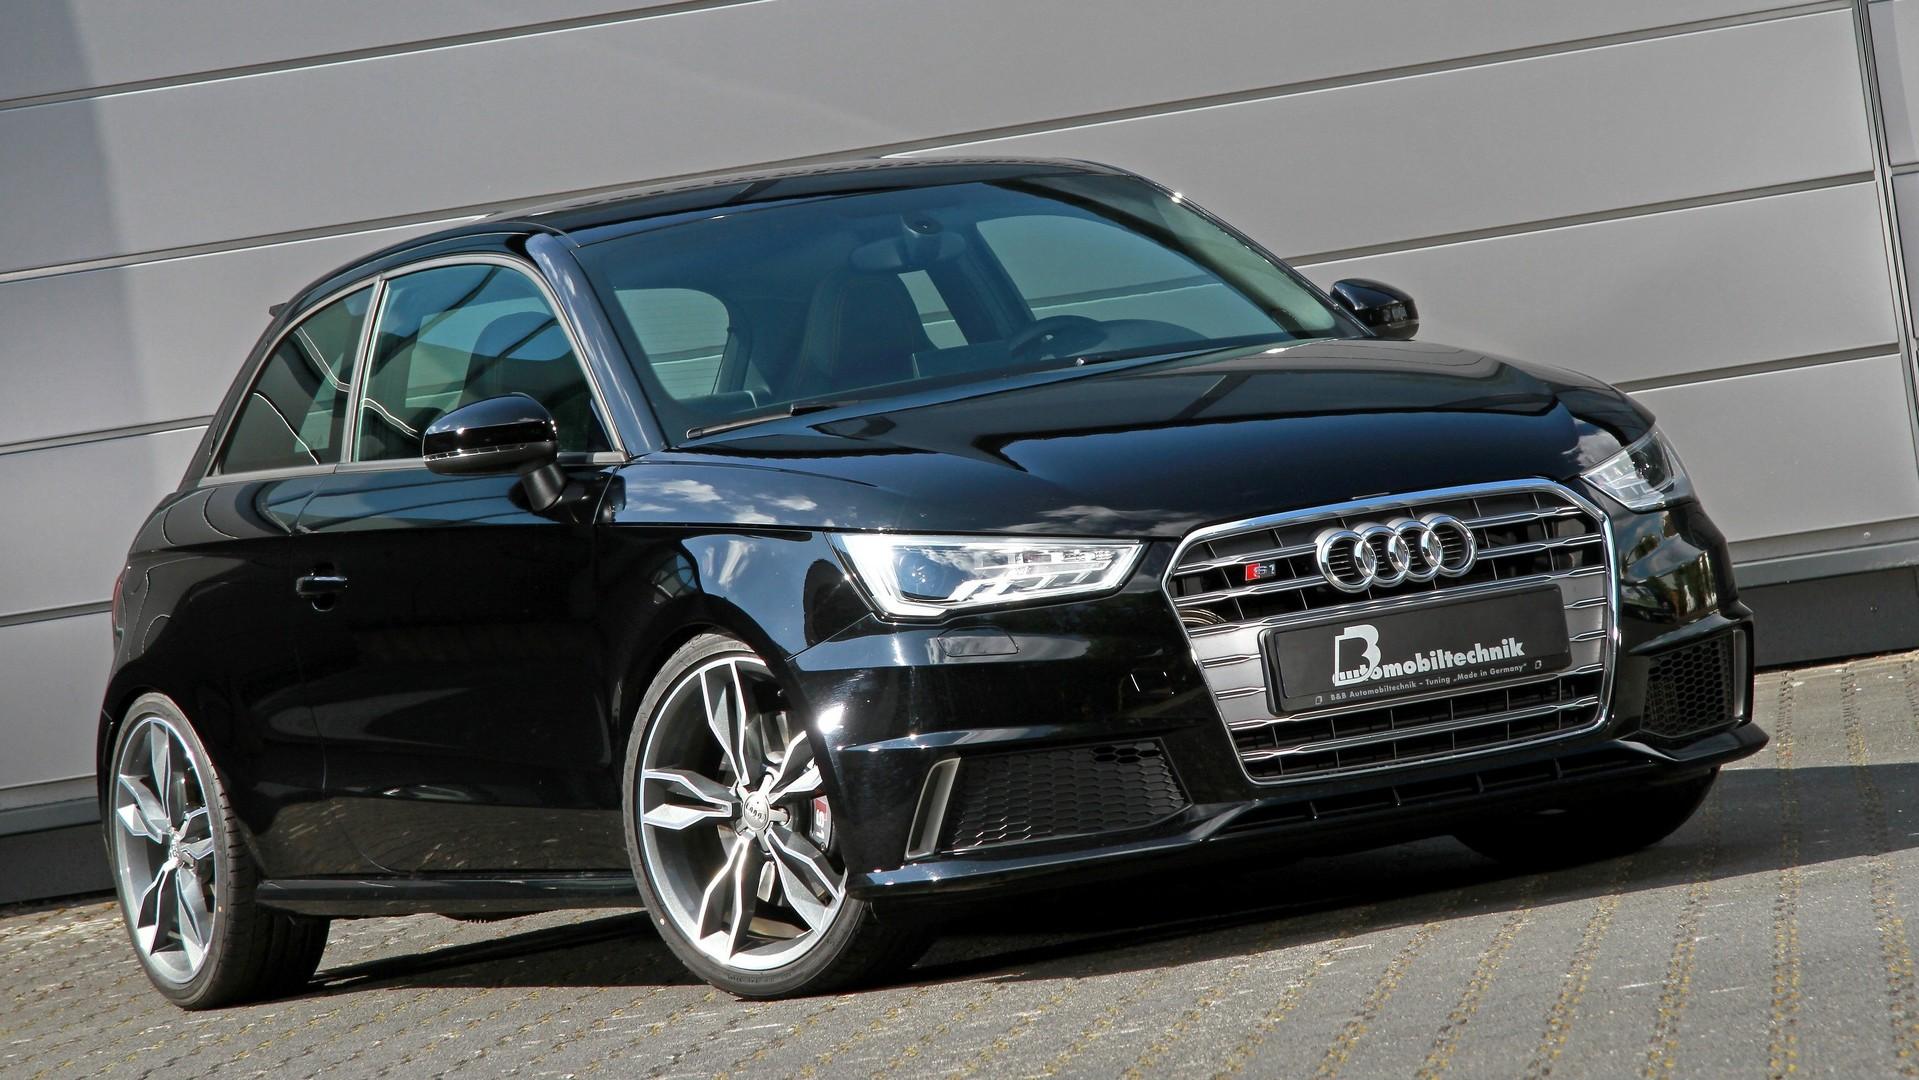 Audi S Usa Audi S Usa Bk Scxhjdorg - Audi a1 usa